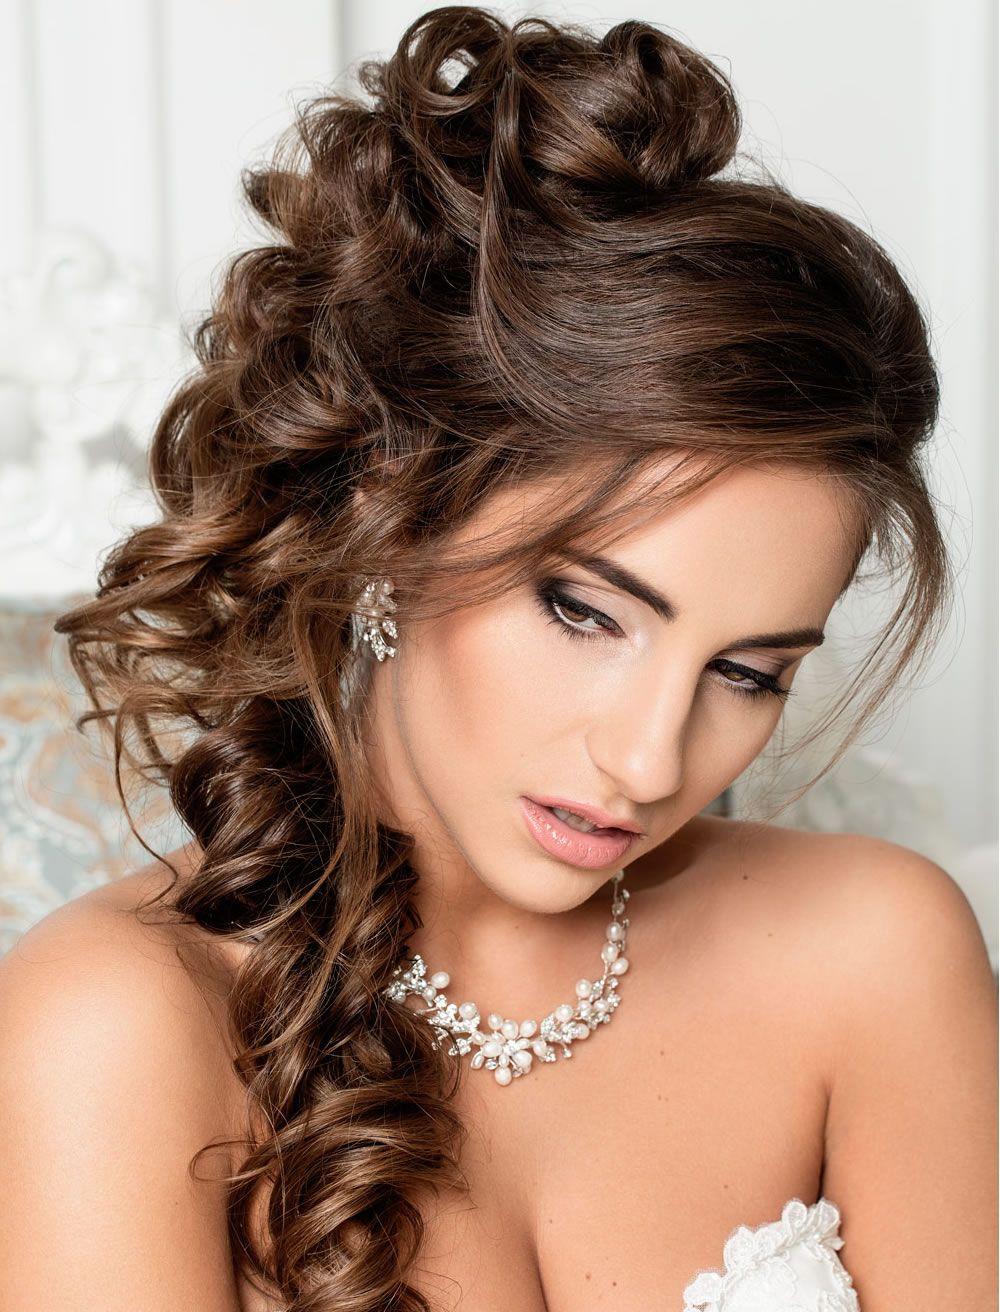 Peinados De Boda Muy Elegantes Para Cabellos Largos 2018 2019